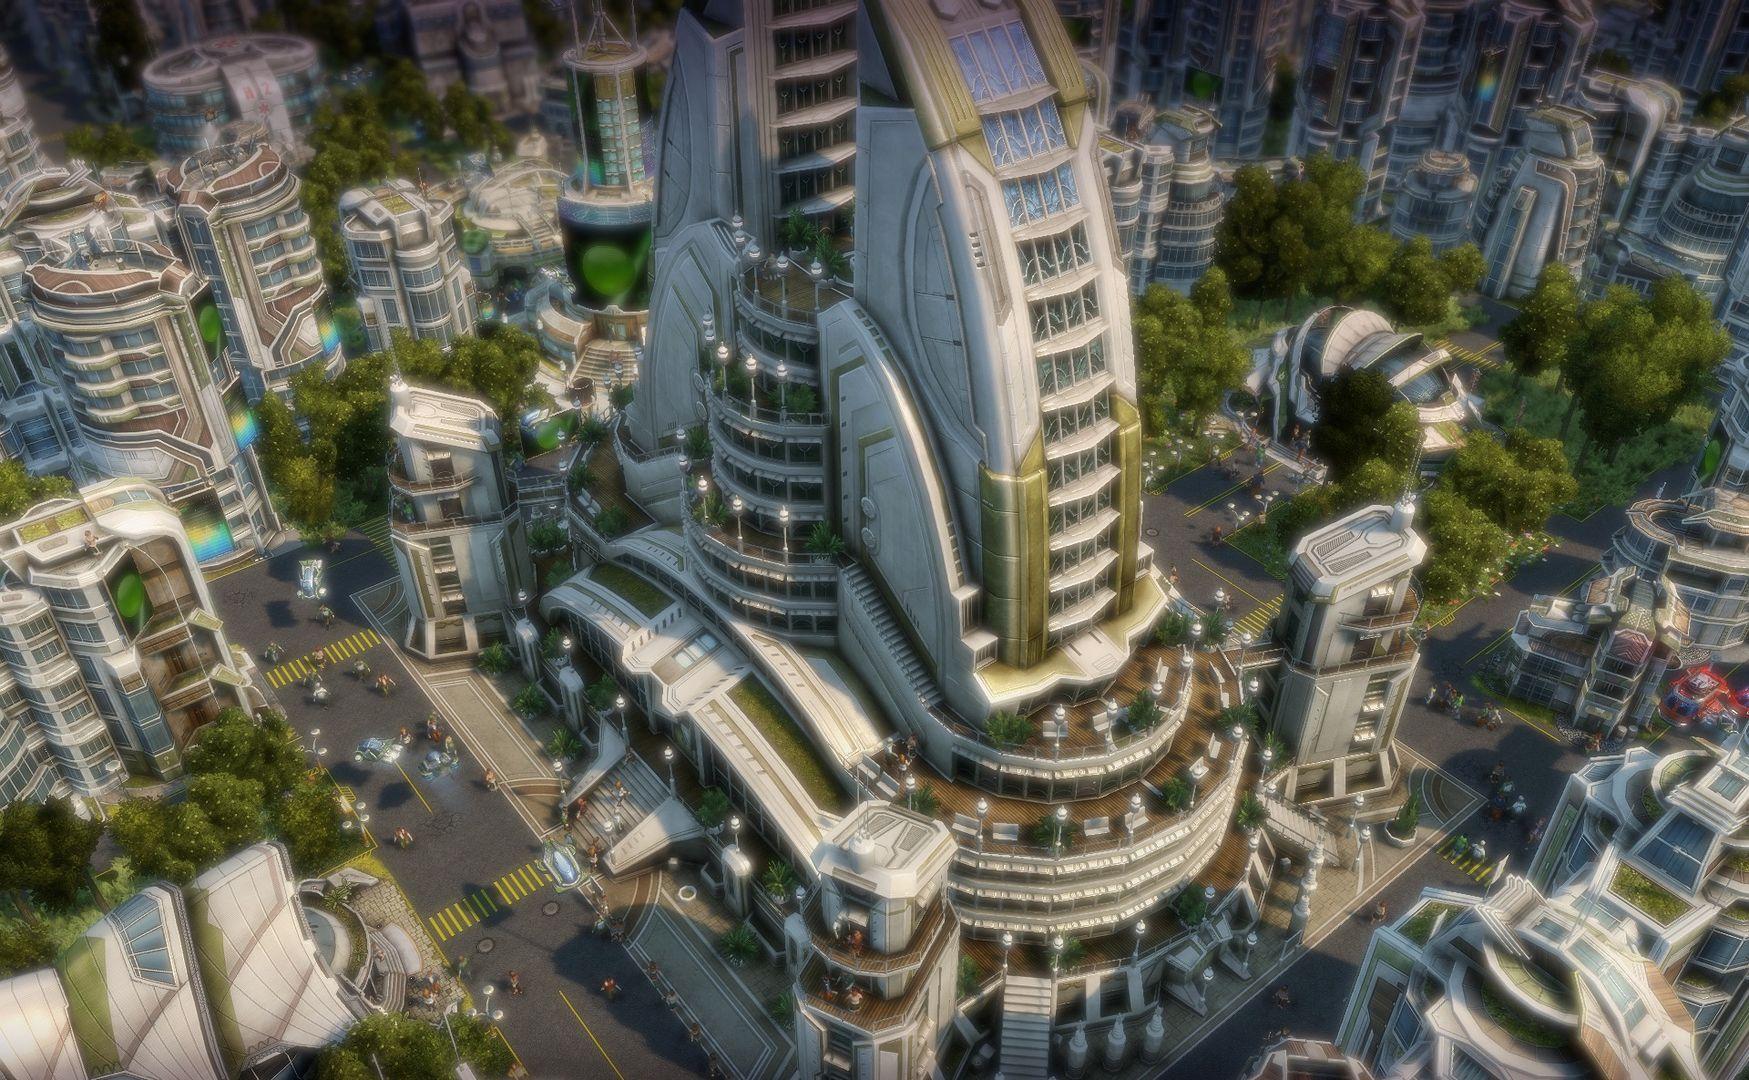 خرید دی ال سی Anno 2070 اسکرین شات 3